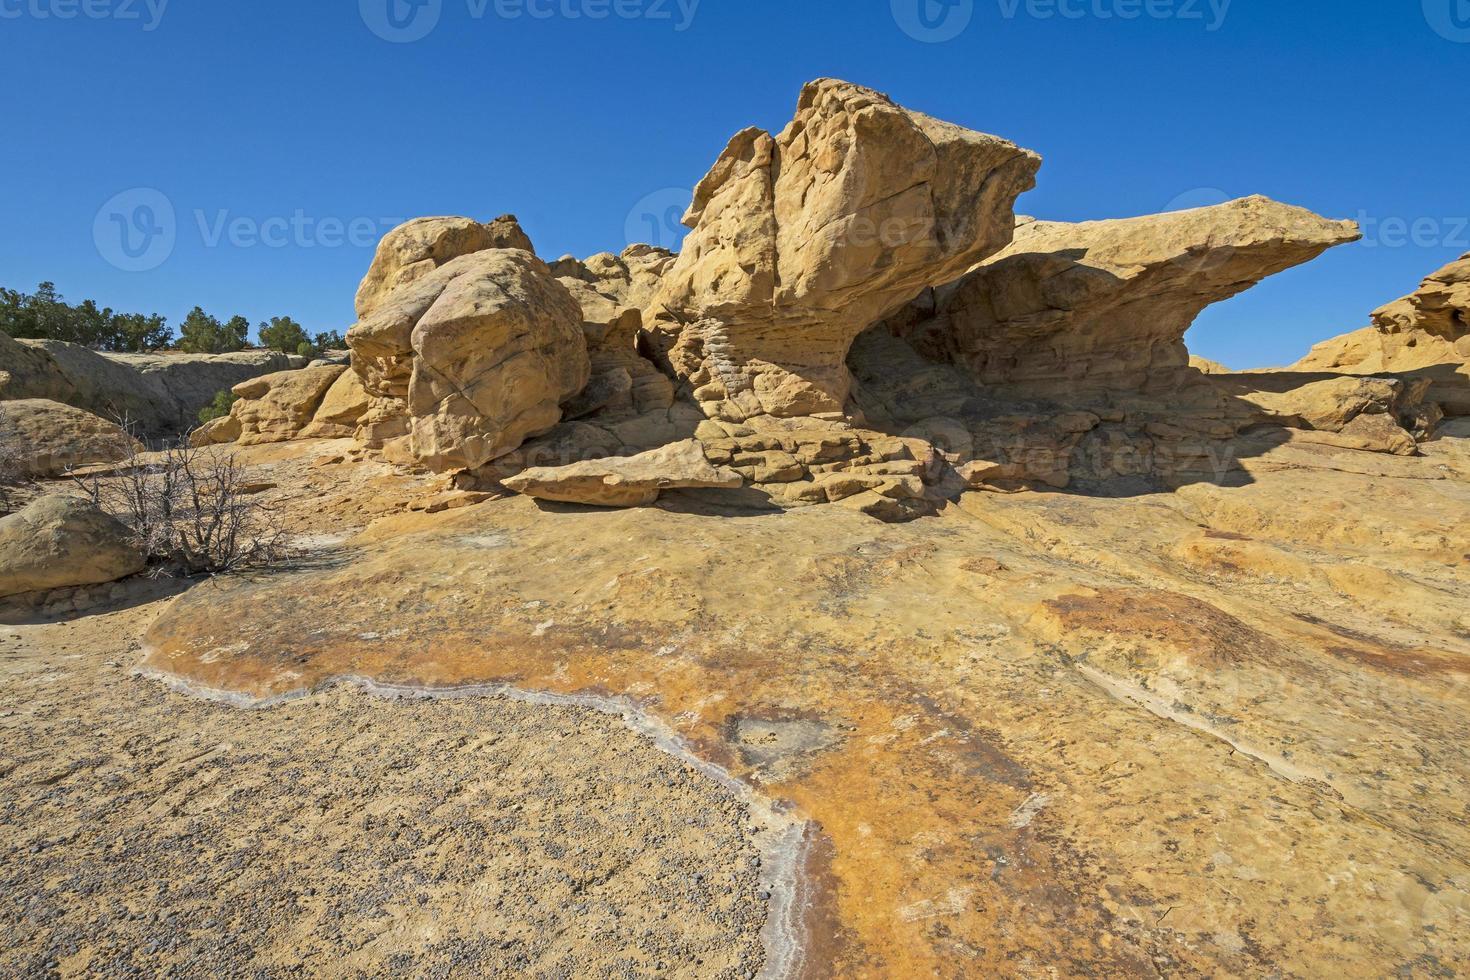 formaciones dramáticas en un acantilado sanstone foto